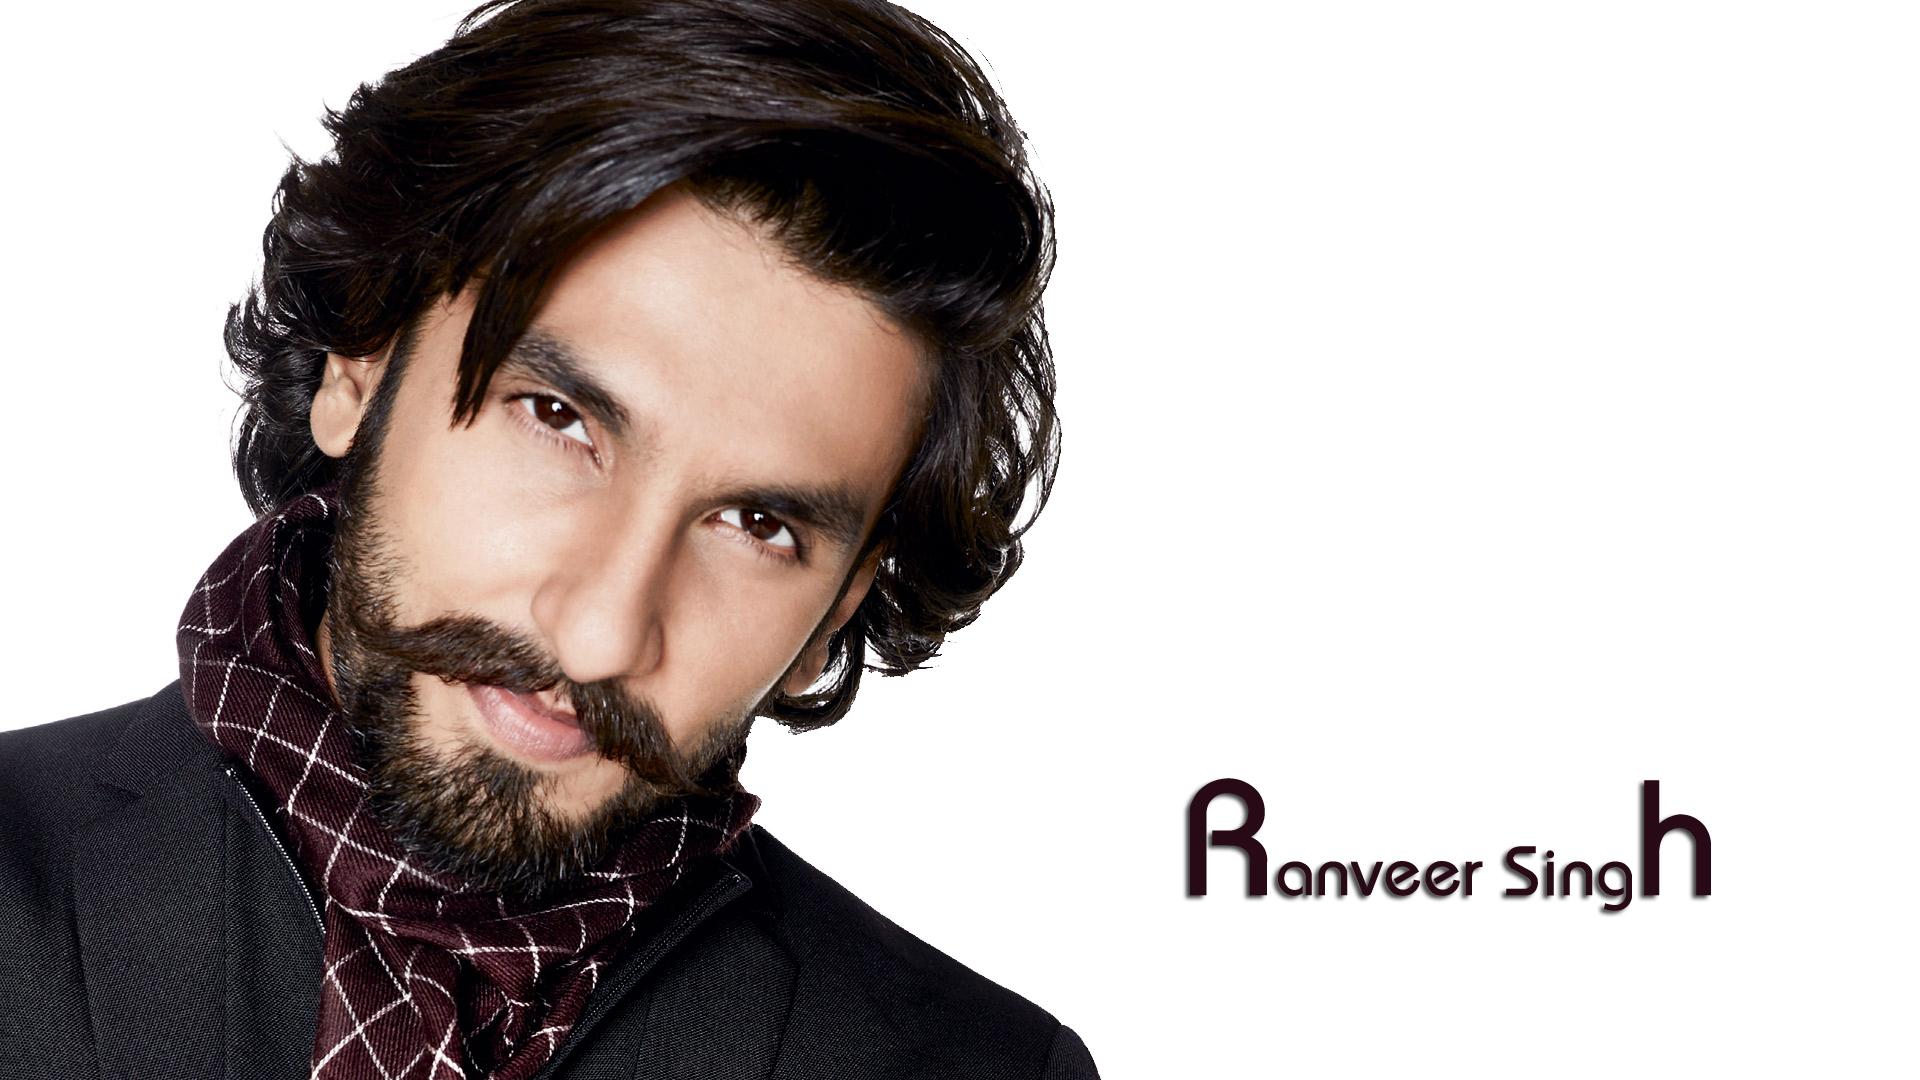 Ranveer Singh Background